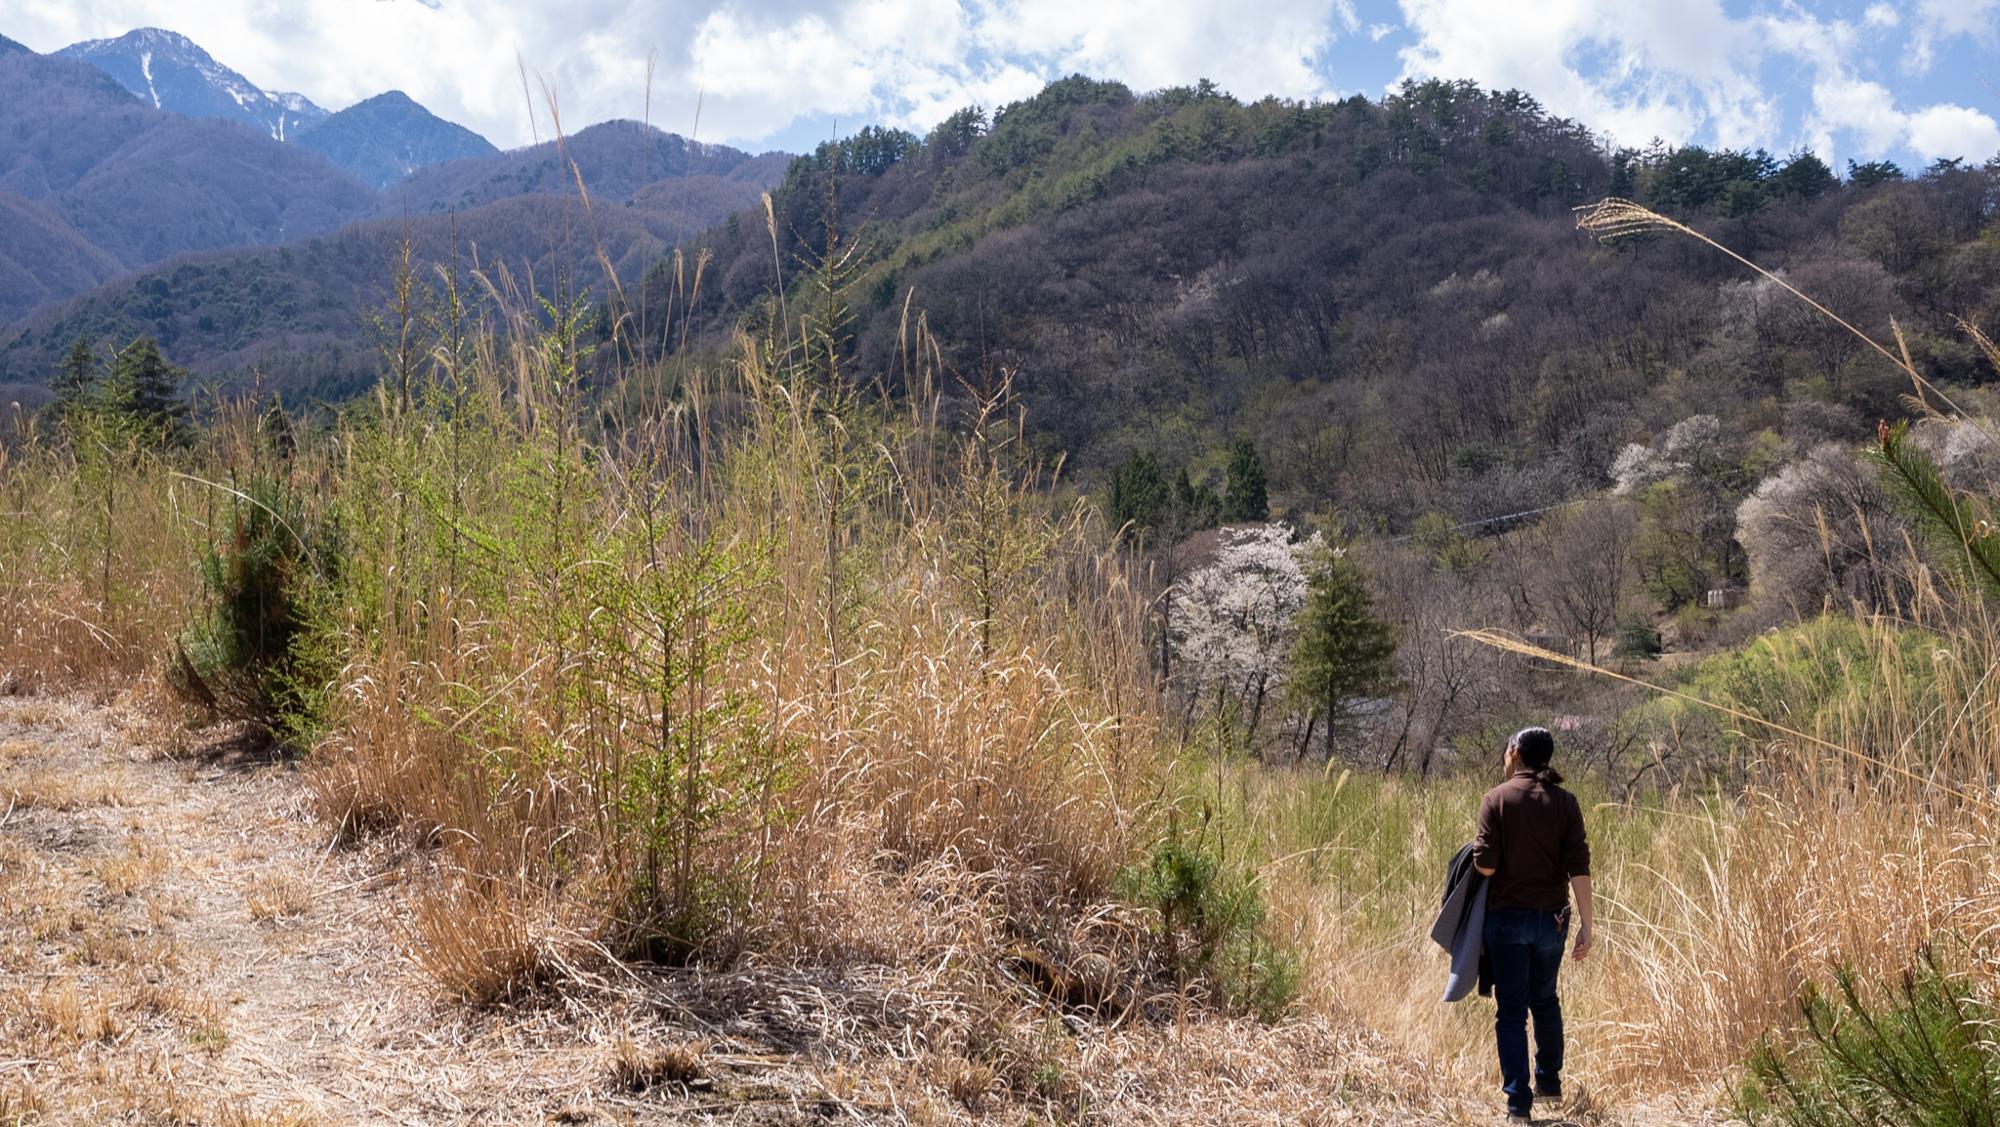 キャンプ場予定地から見える山々